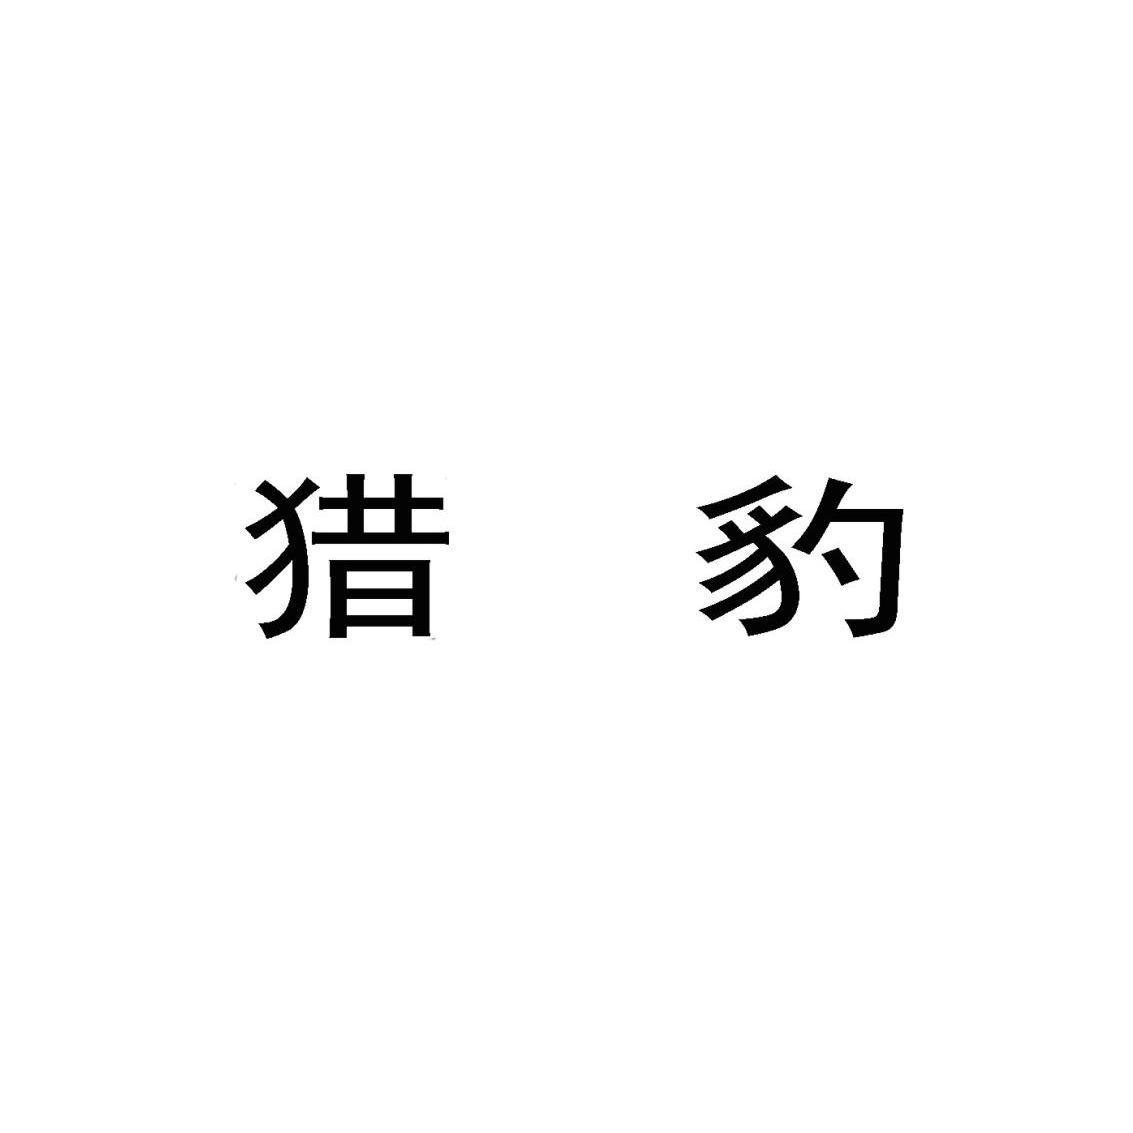 logo logo 标志 设计 矢量 矢量图 素材 图标 1133_1133